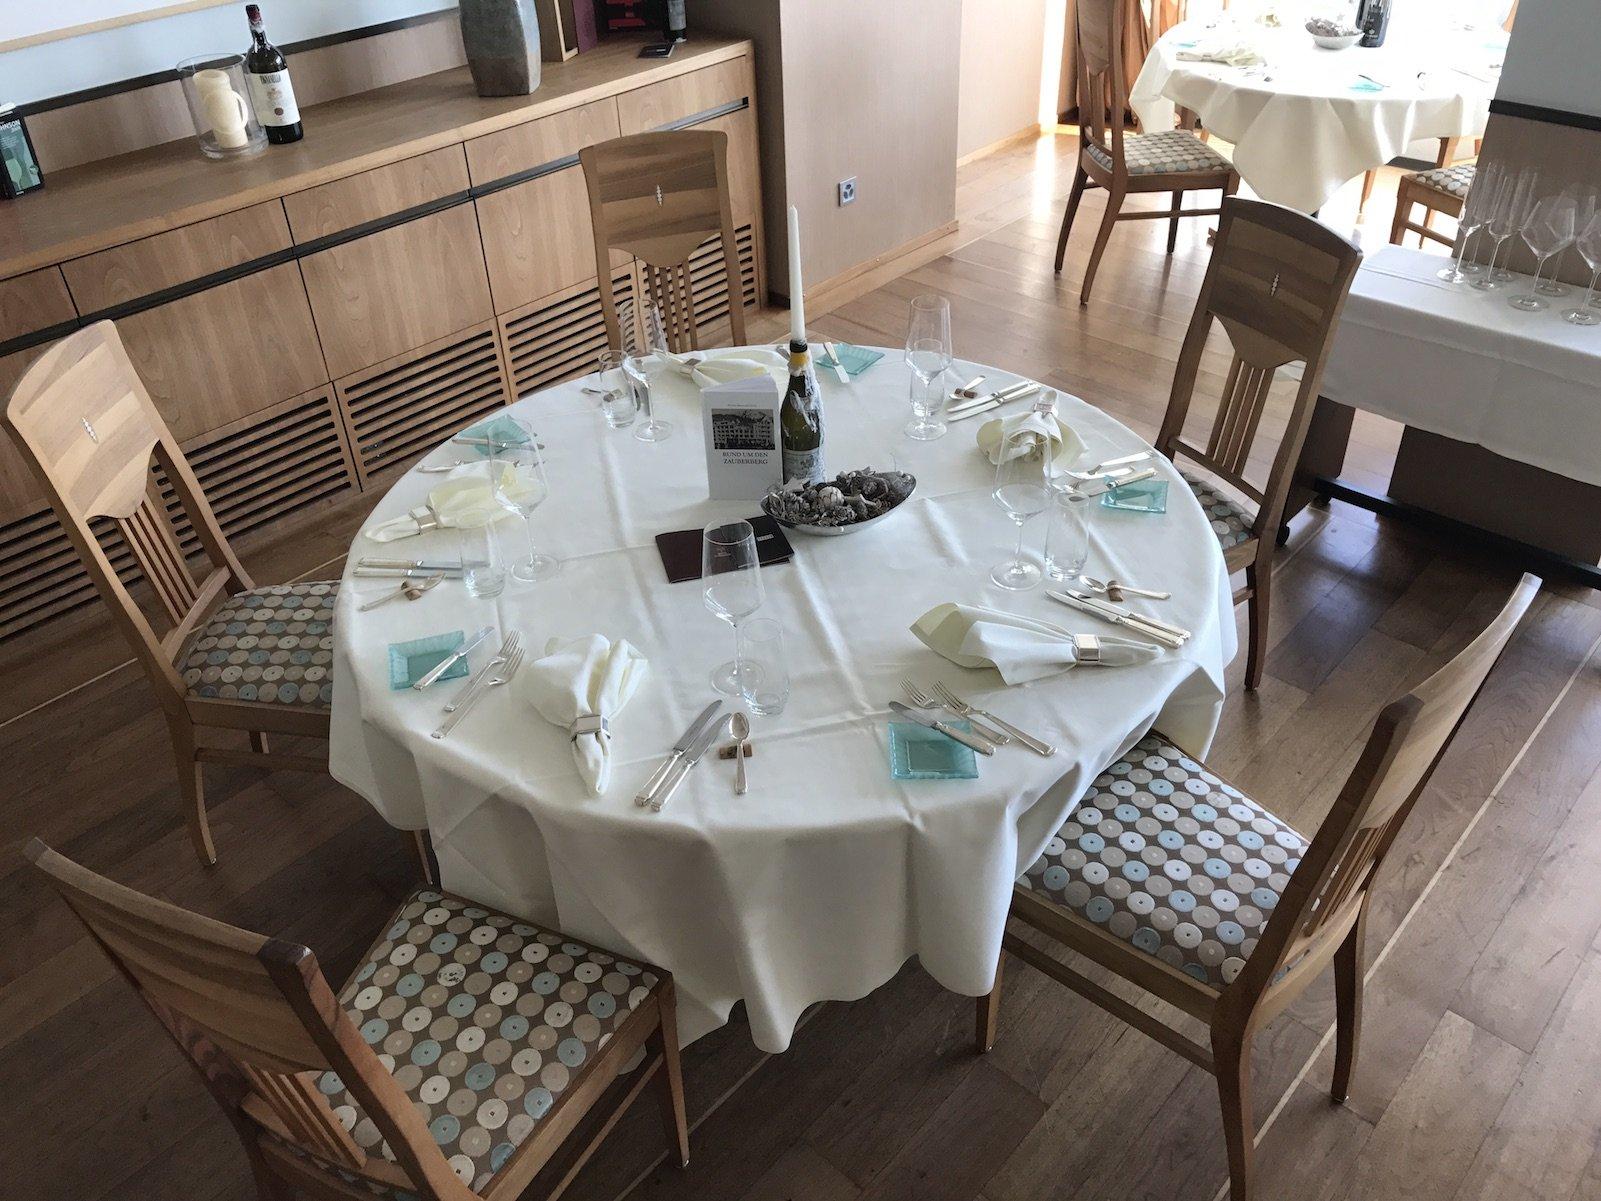 Runder Tisch für den Abend eingedeckt im Wein-Restaurant Mann und Co.